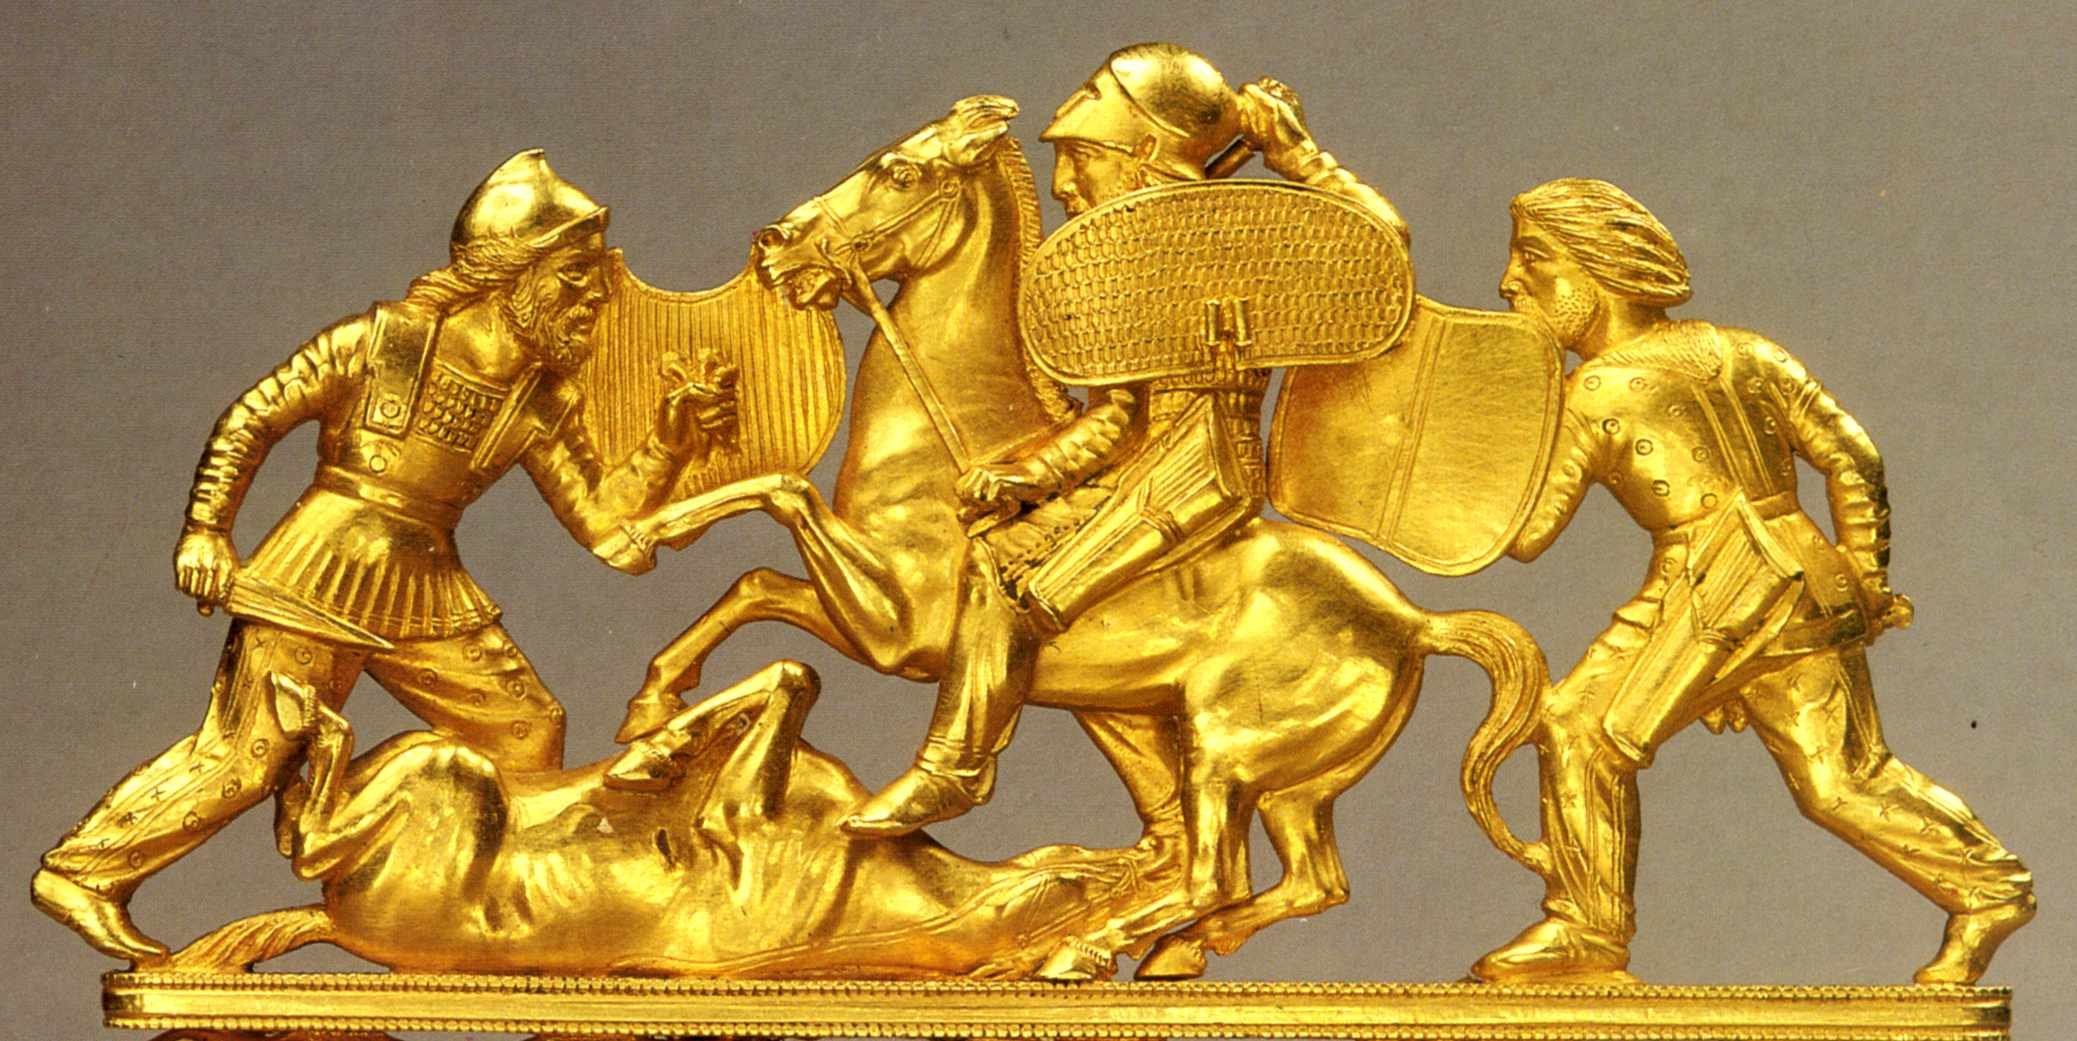 Киммерийское золото или тайна курганов Кавказа